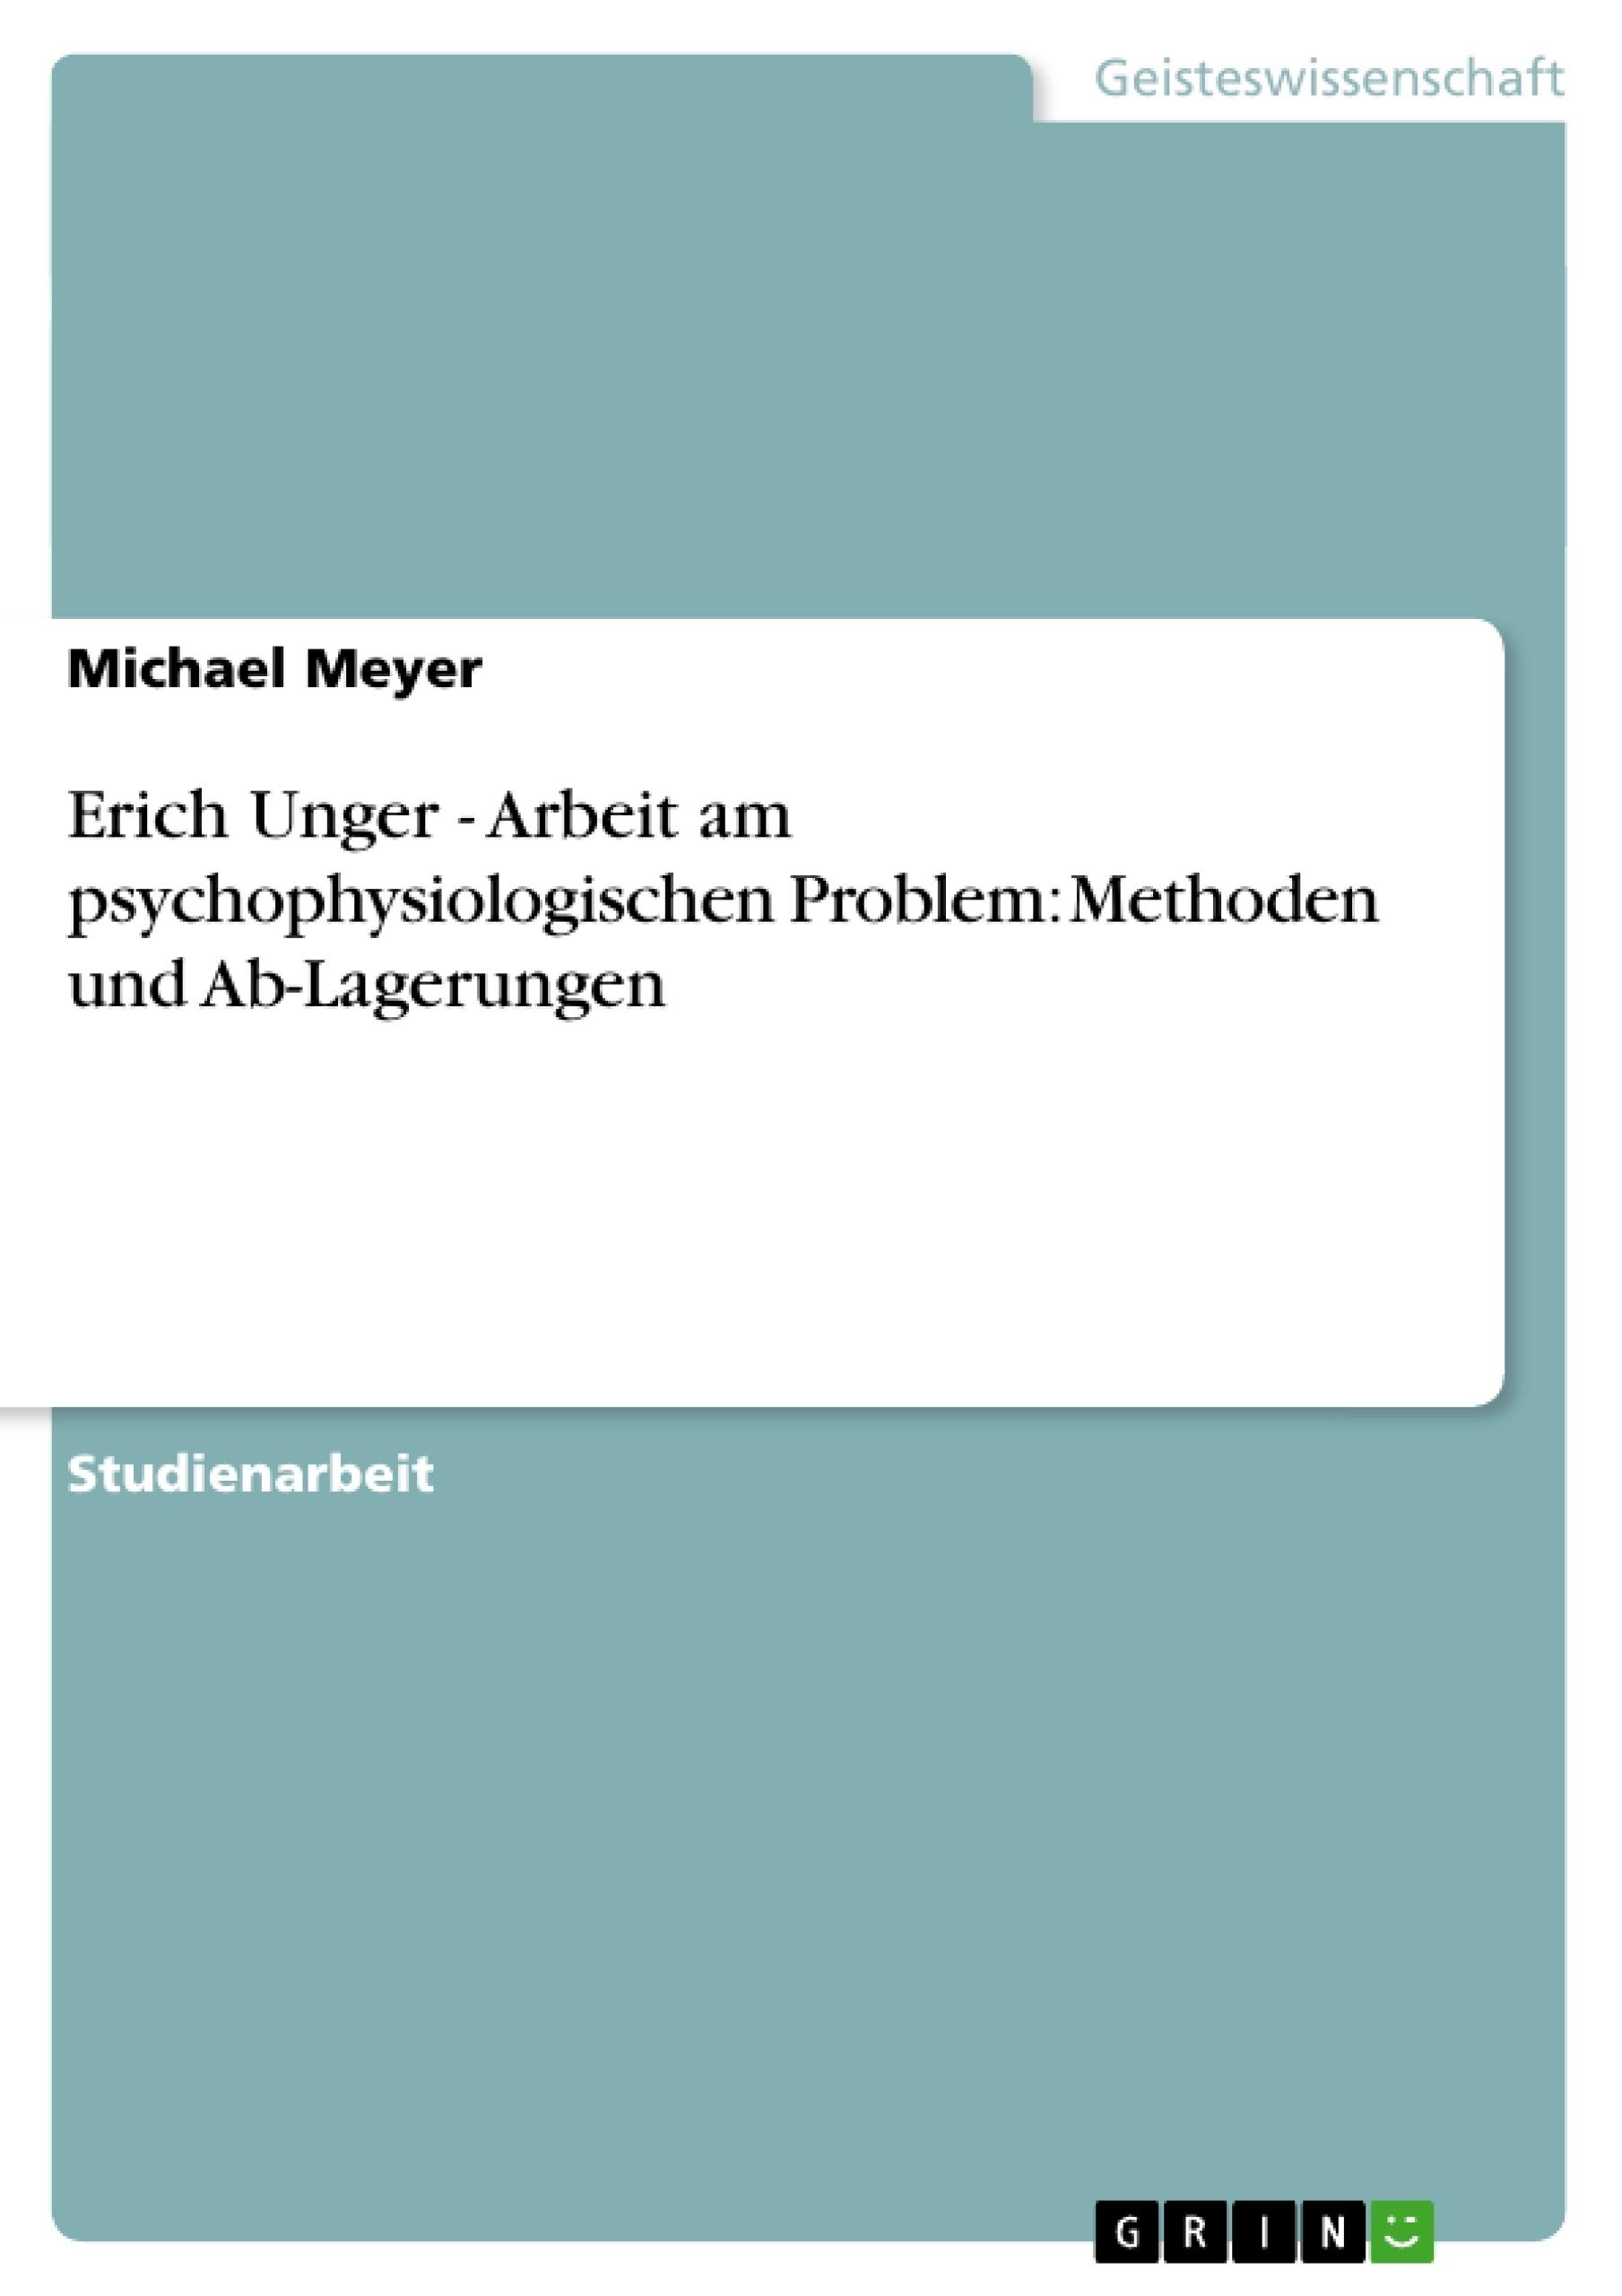 Erich Unger - Arbeit am psychophysiologischen Problem: Methoden ...